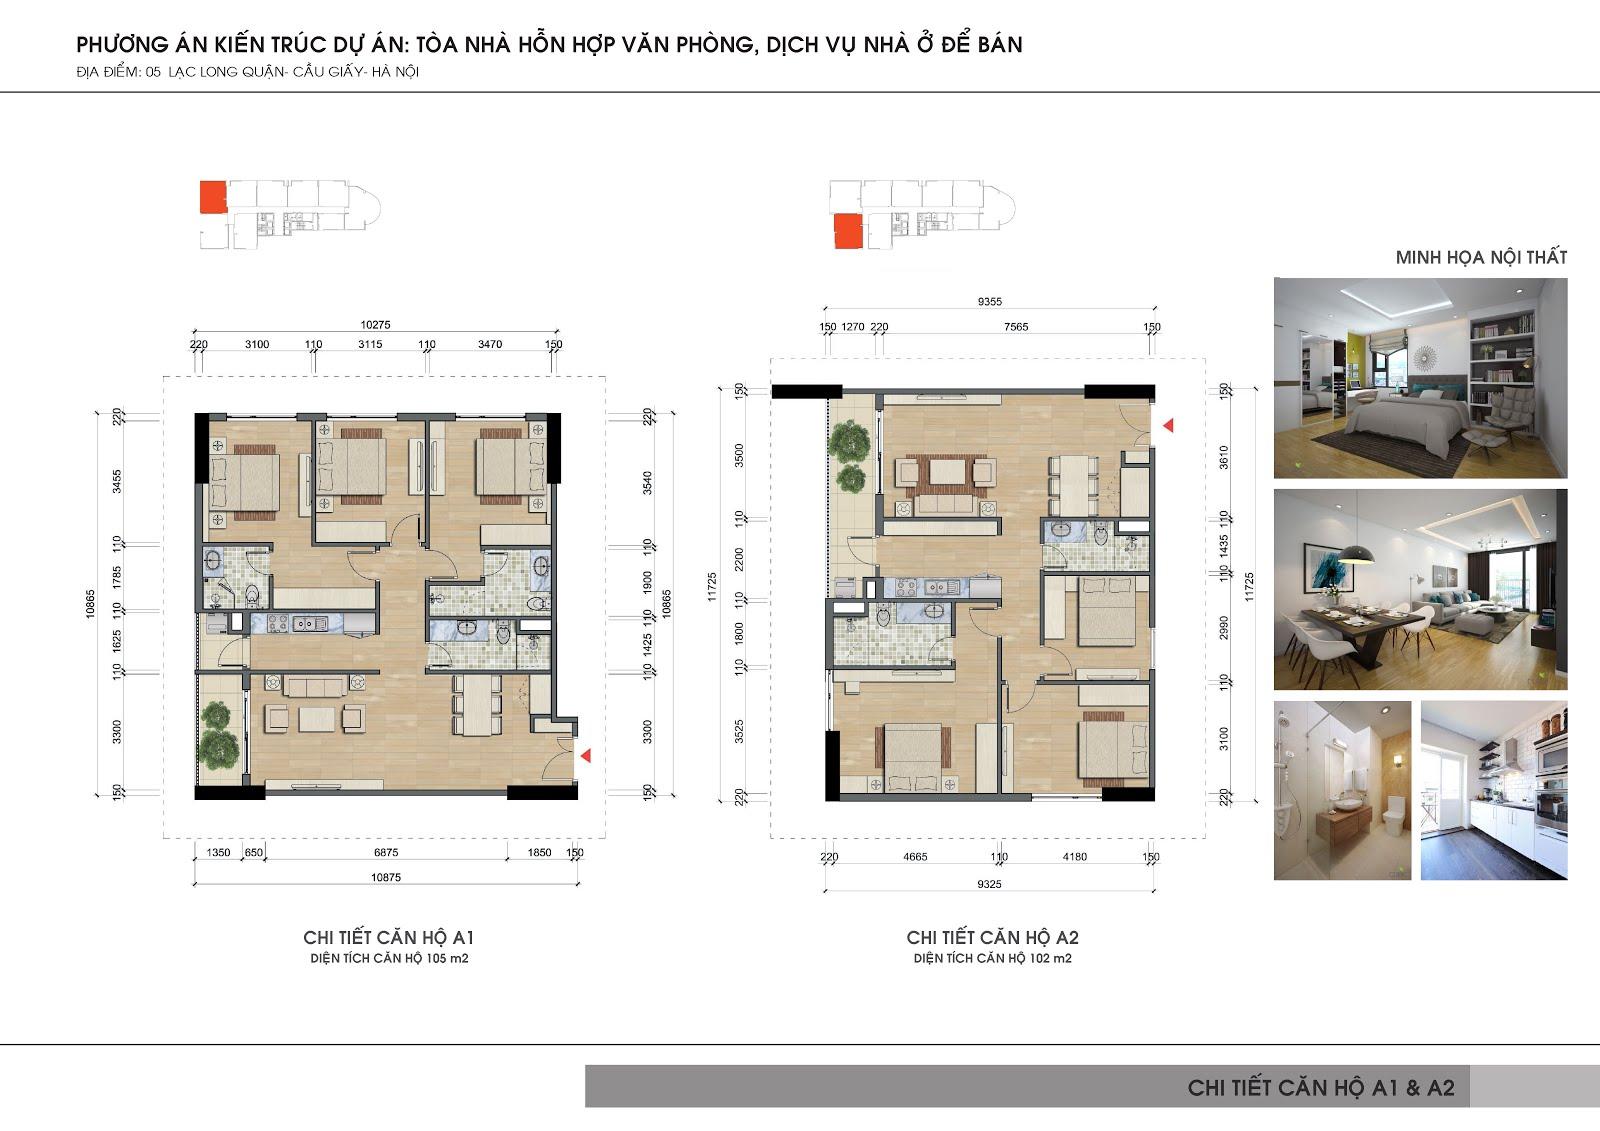 Thiết kế căn hộ Videc Lake View Lạc Long Quân